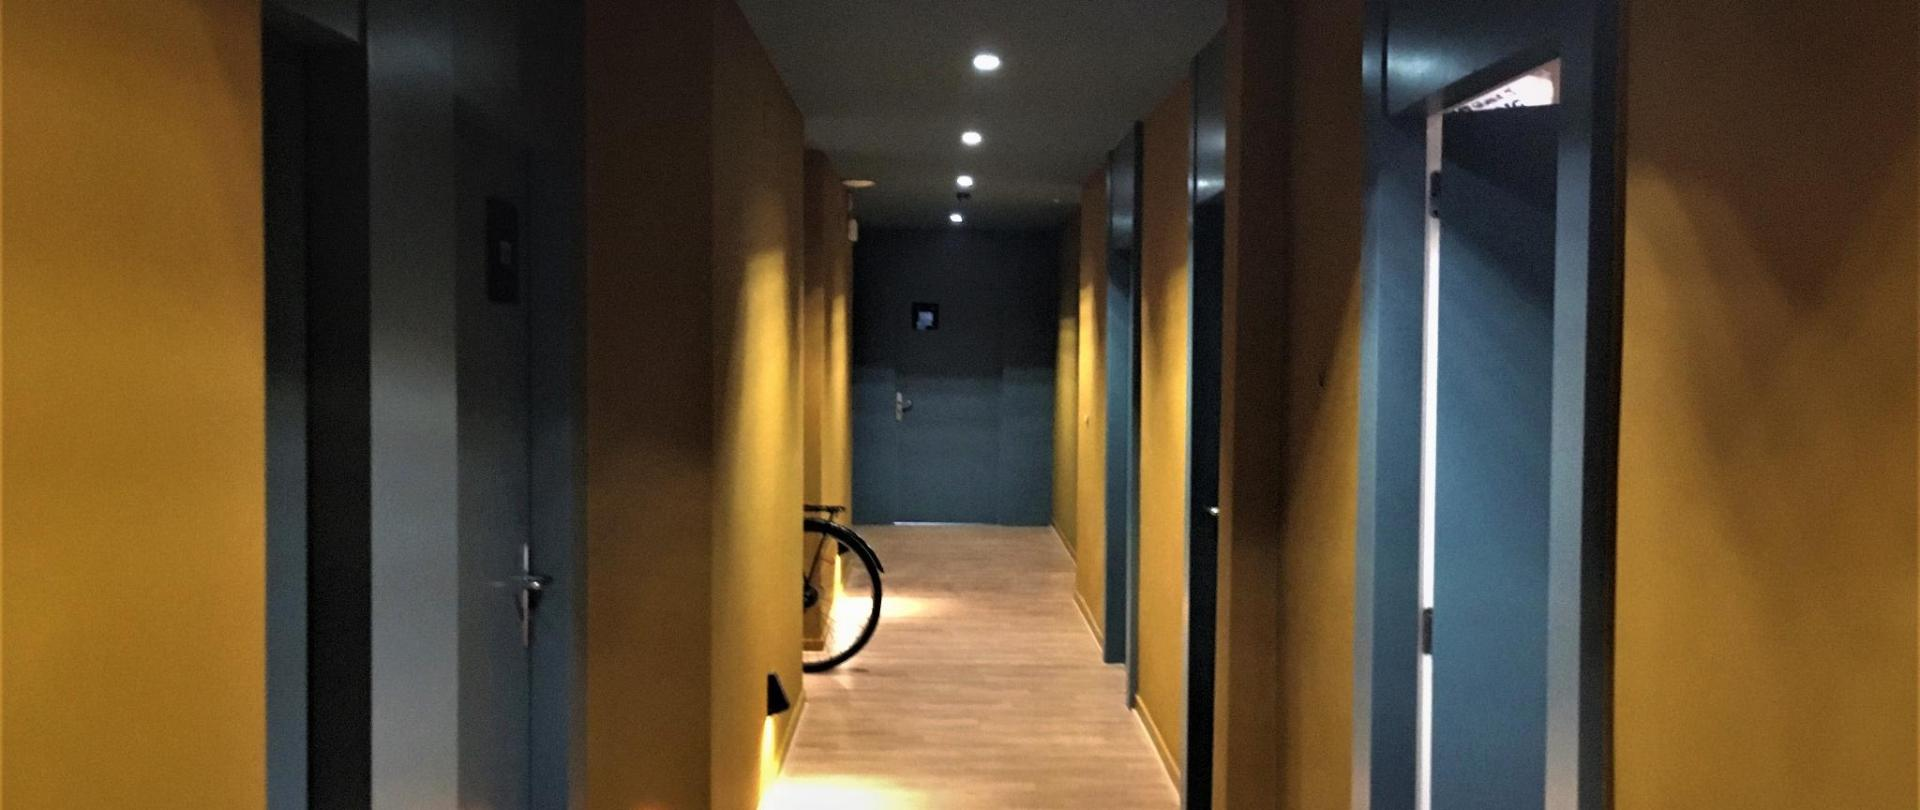 MD MODERN HOTEL - FOTOS OK  (21).jpg